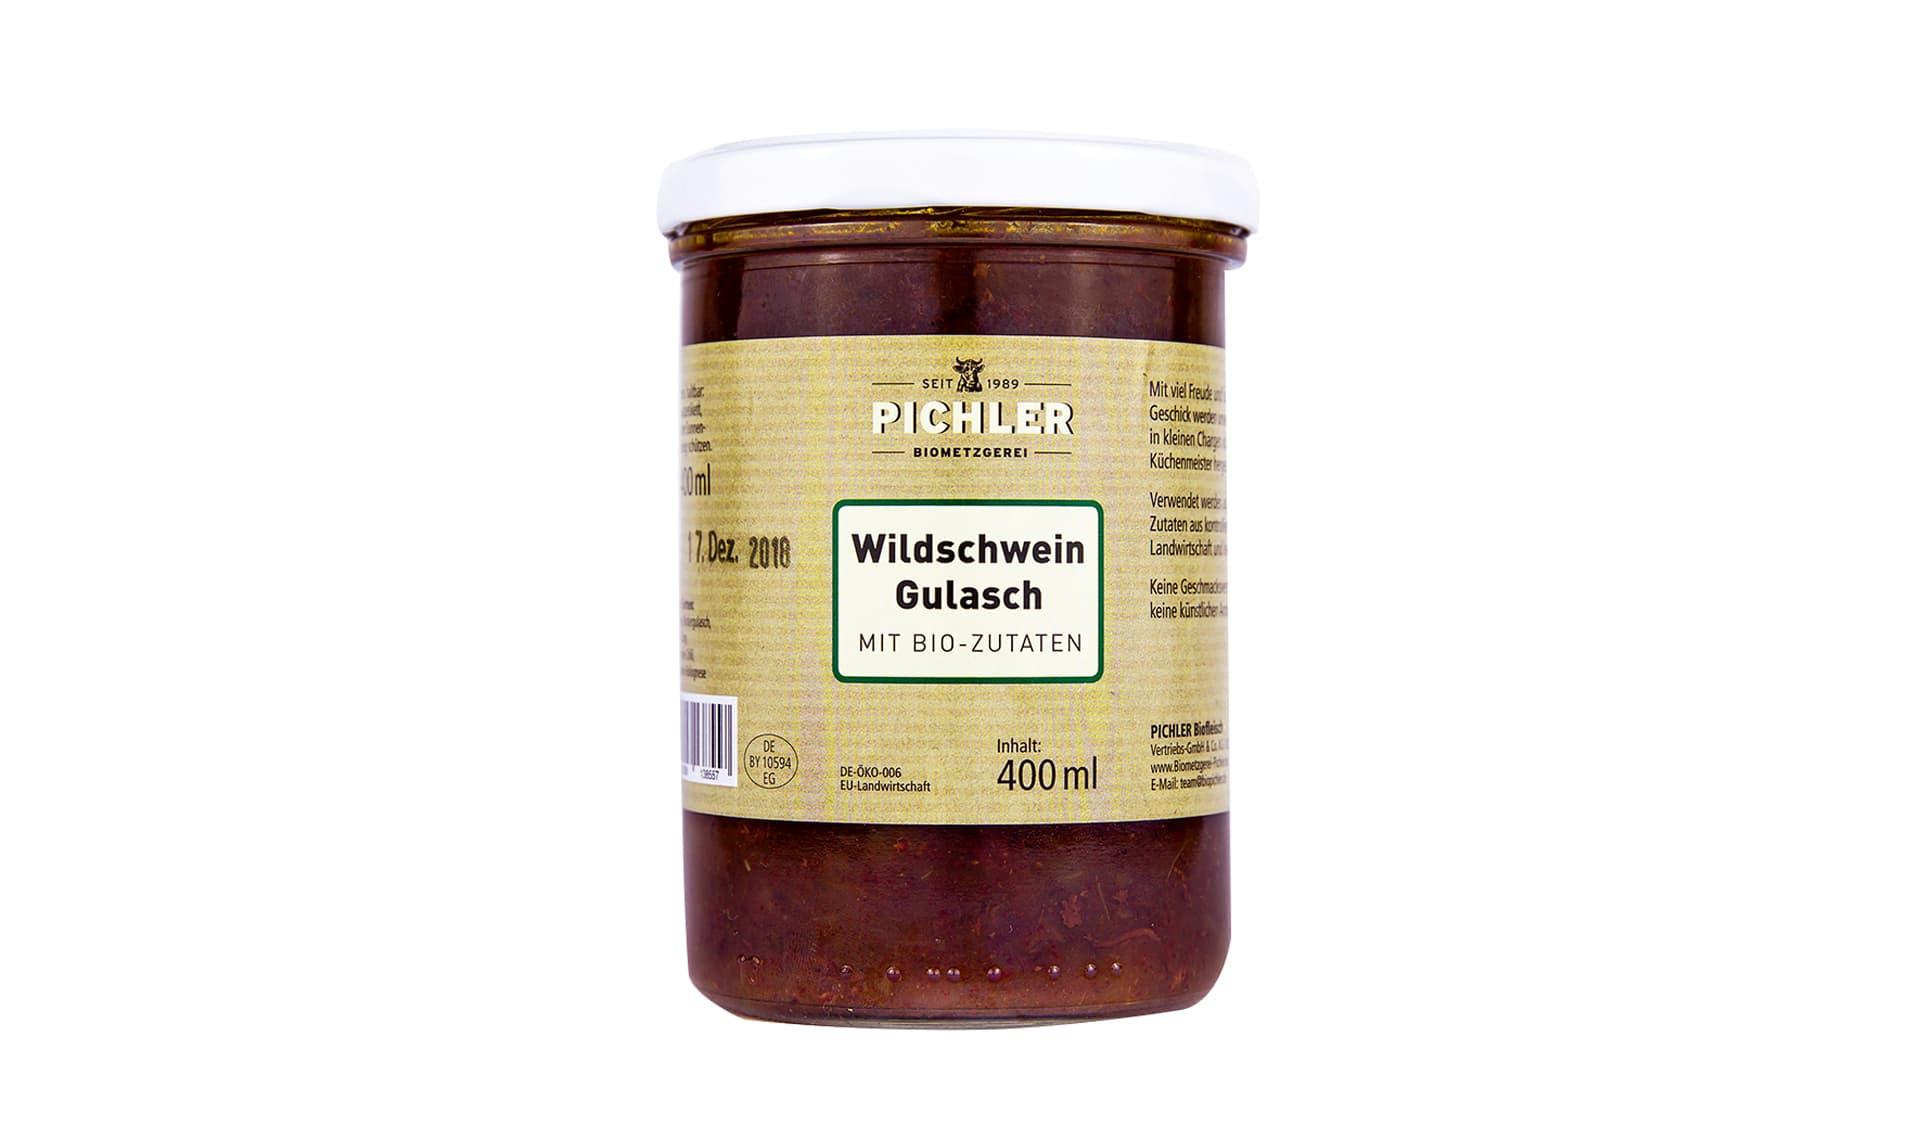 Pichler Wildschweingulasch (www.biometzgerei-pichler.de)